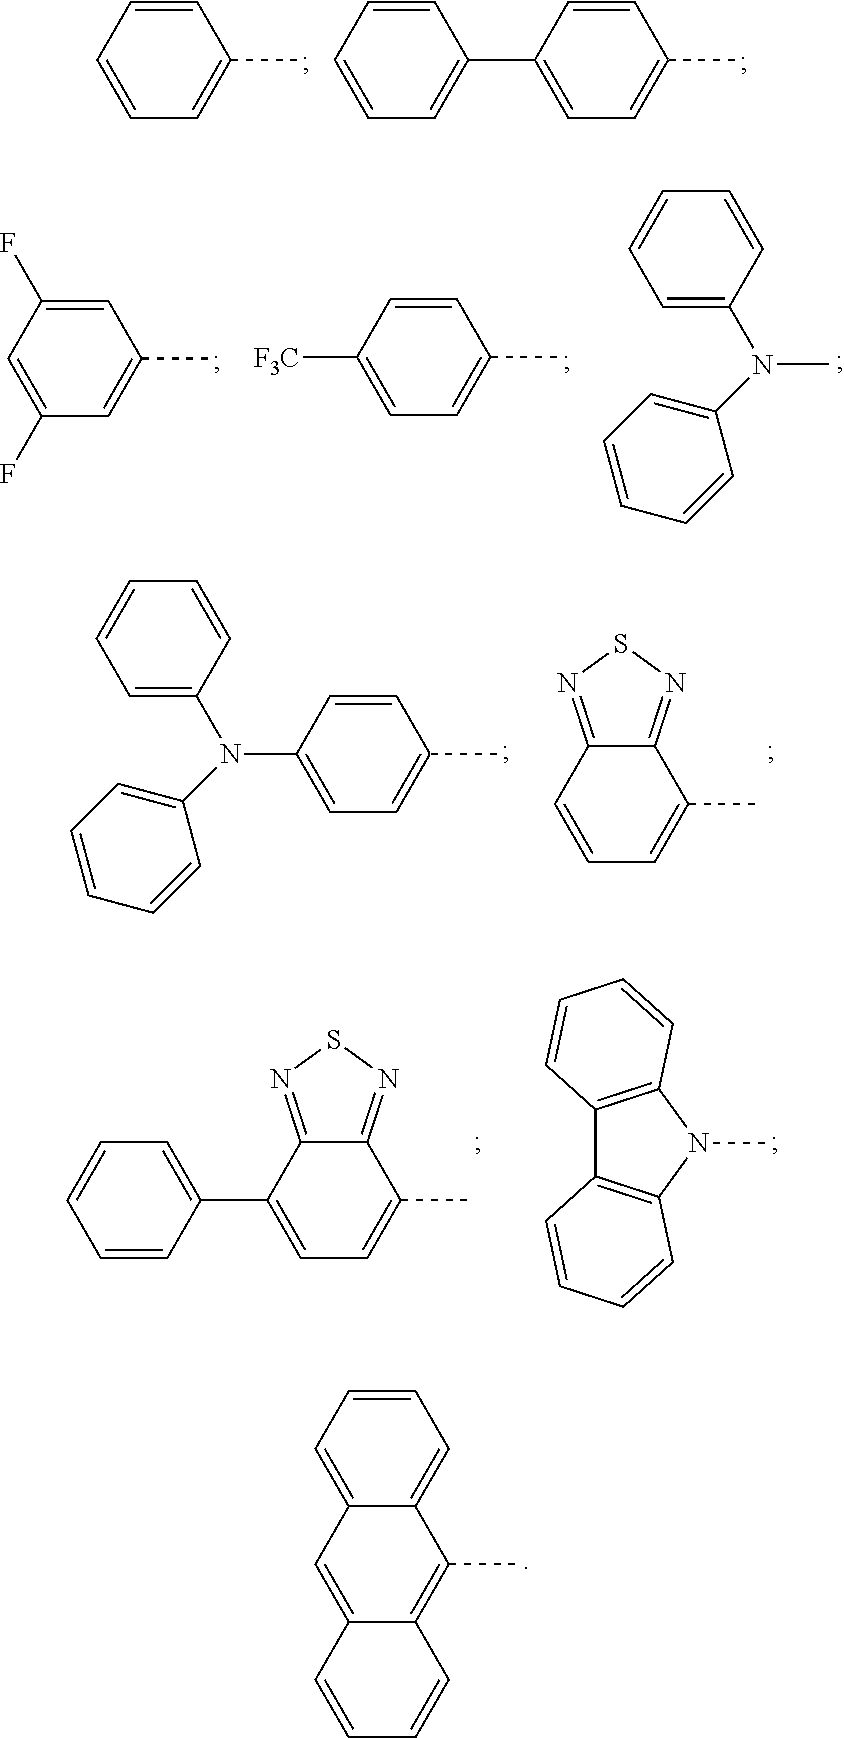 Figure US09935271-20180403-C00031